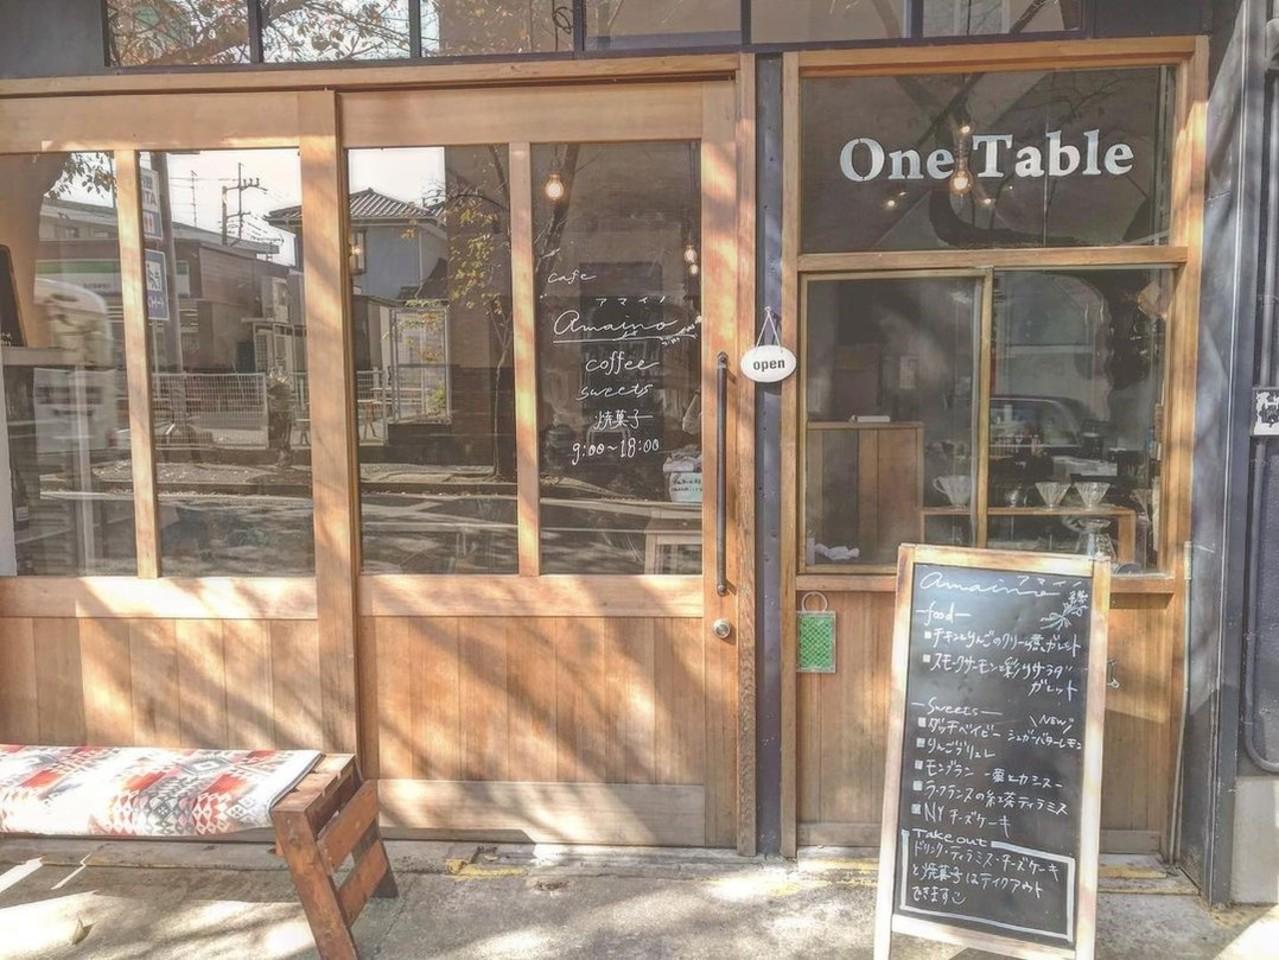 各曜日でオーナーが変わるカフェ...千葉県松戸市常盤平陣屋前の「ワンテーブル」